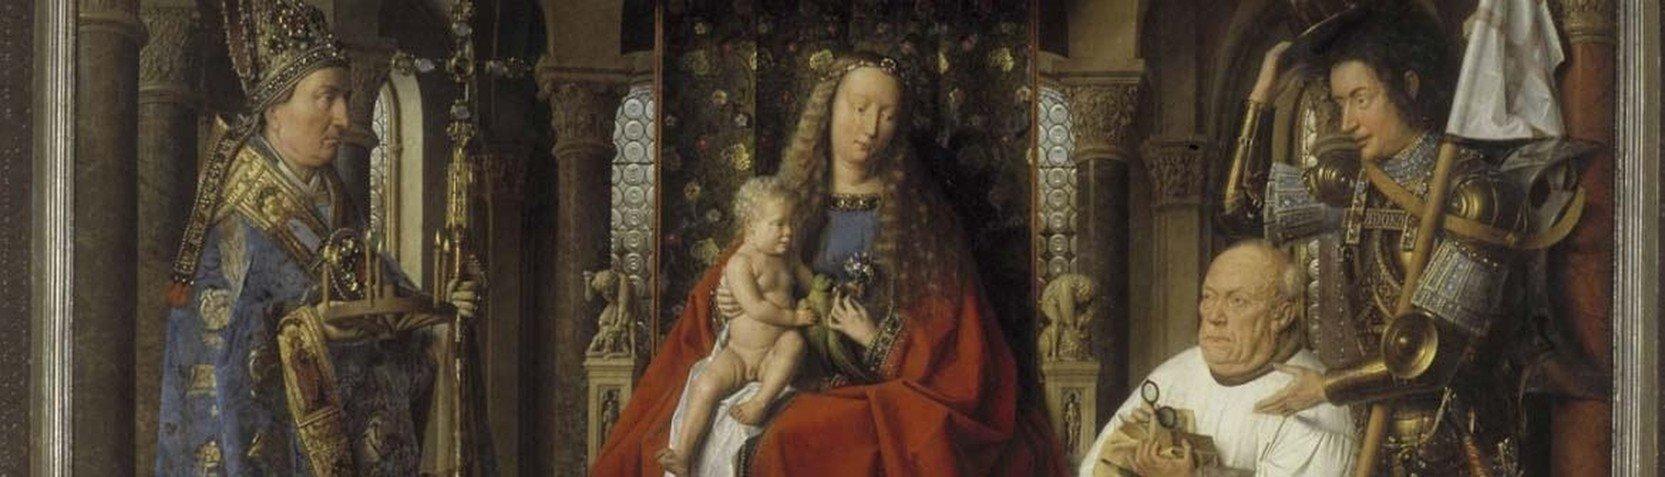 Artyści - Jan van Eyck